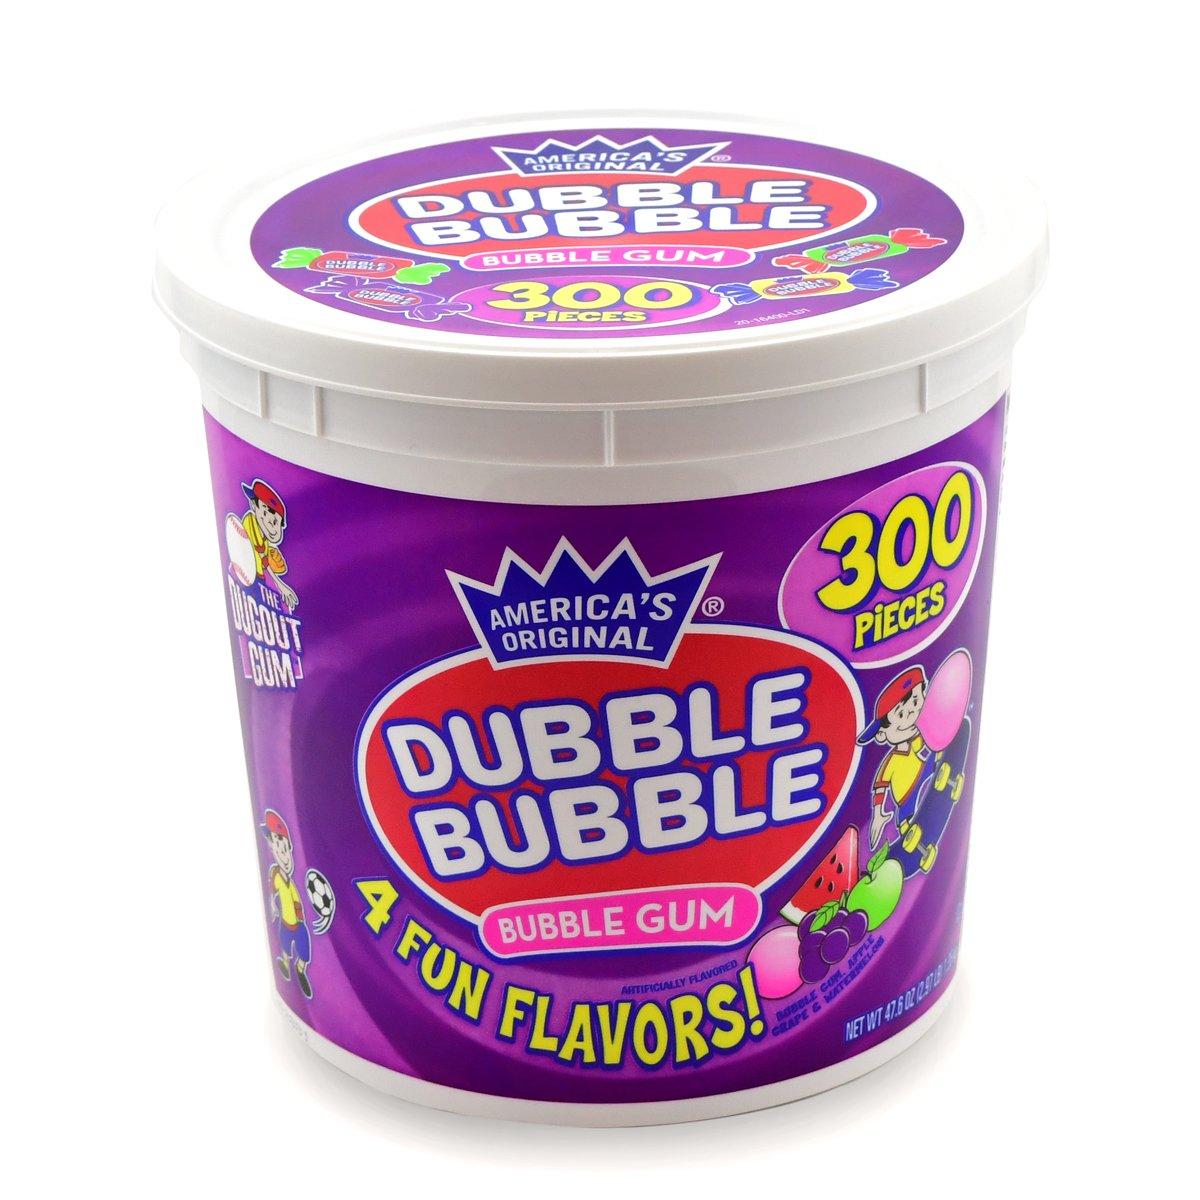 Amazon.com : Dubble Bubble Tub, Original Flavor, 380-Count, 60.3 Oz ...